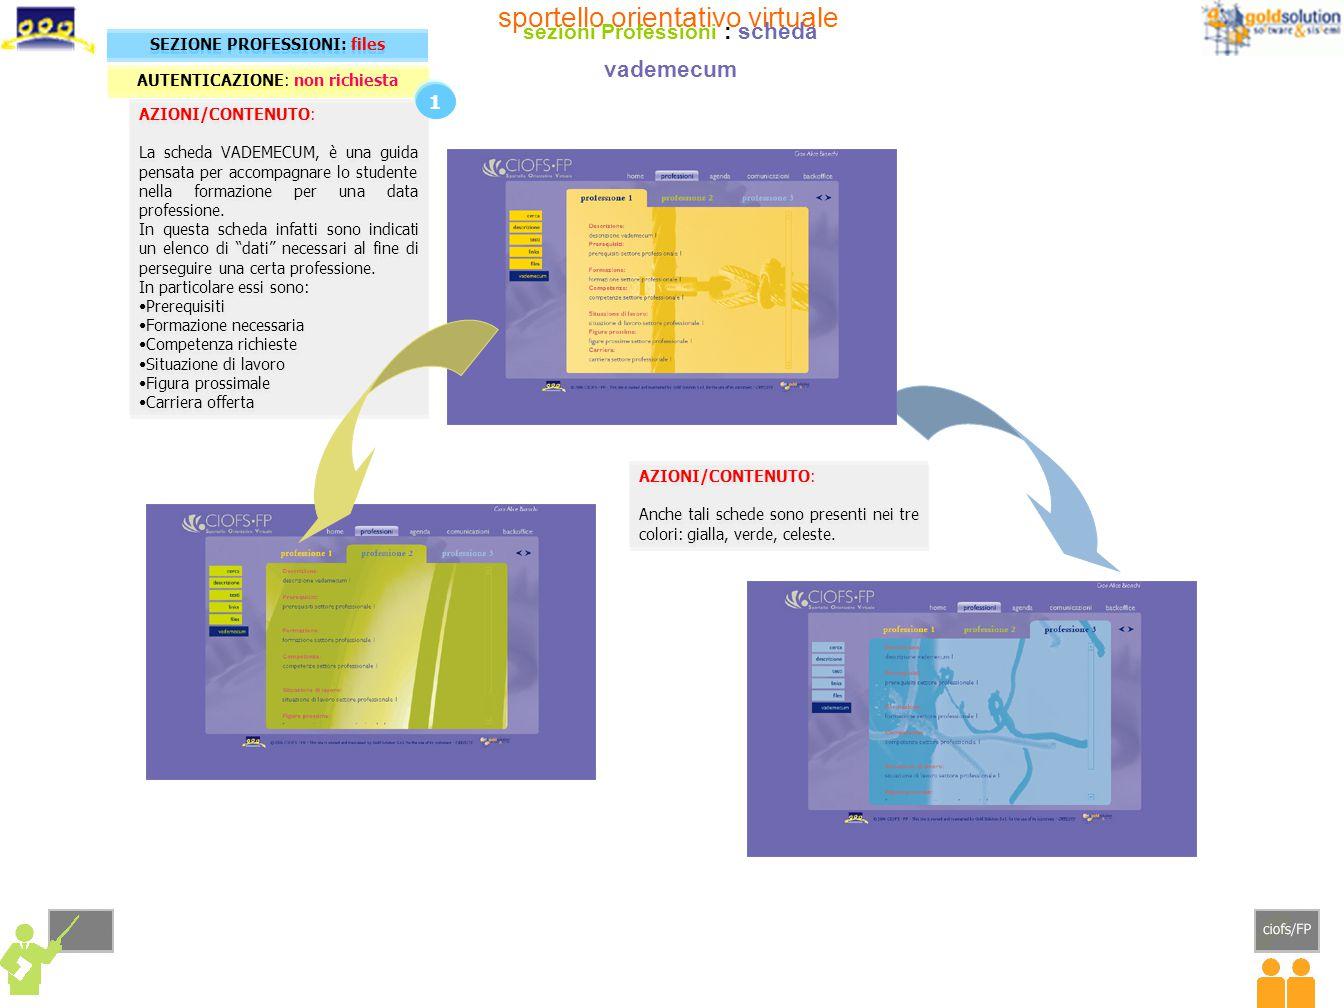 AZIONI/CONTENUTO: La scheda VADEMECUM, è una guida pensata per accompagnare lo studente nella formazione per una data professione. In questa scheda in